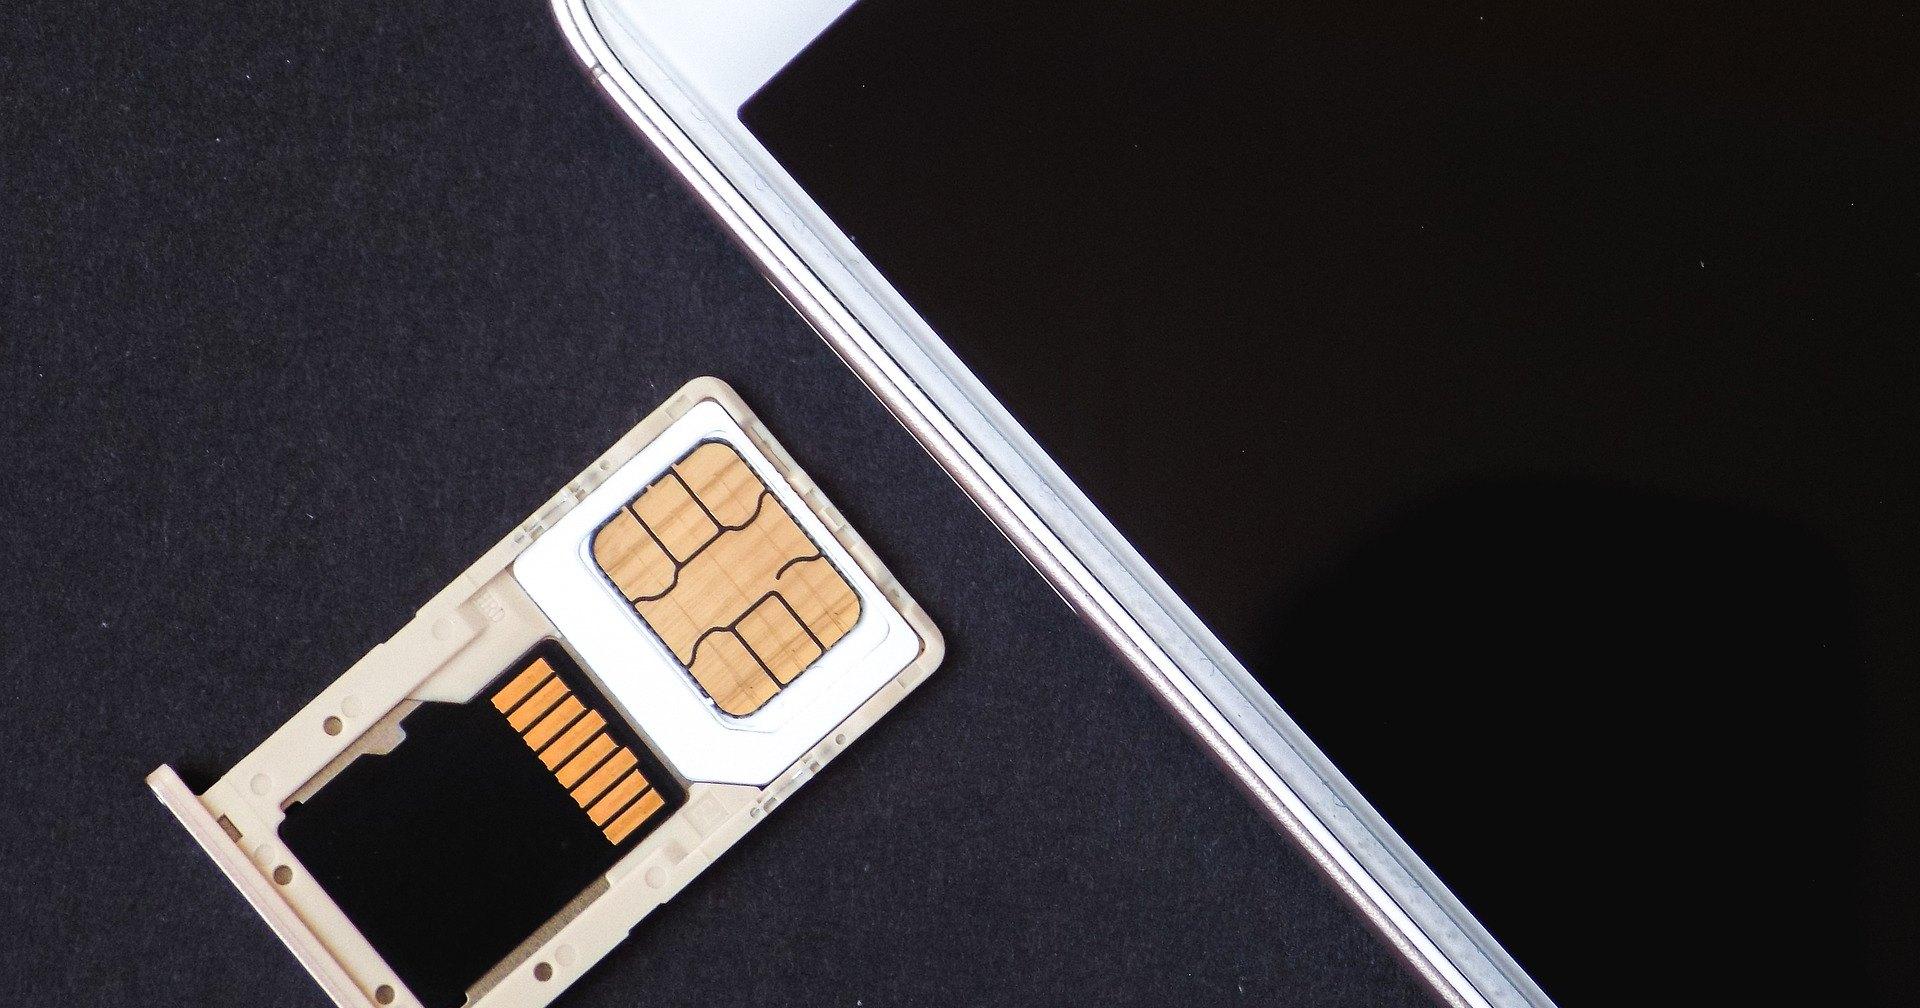 Операторы связи начали отключать незарегистрированные мобильные телефоны